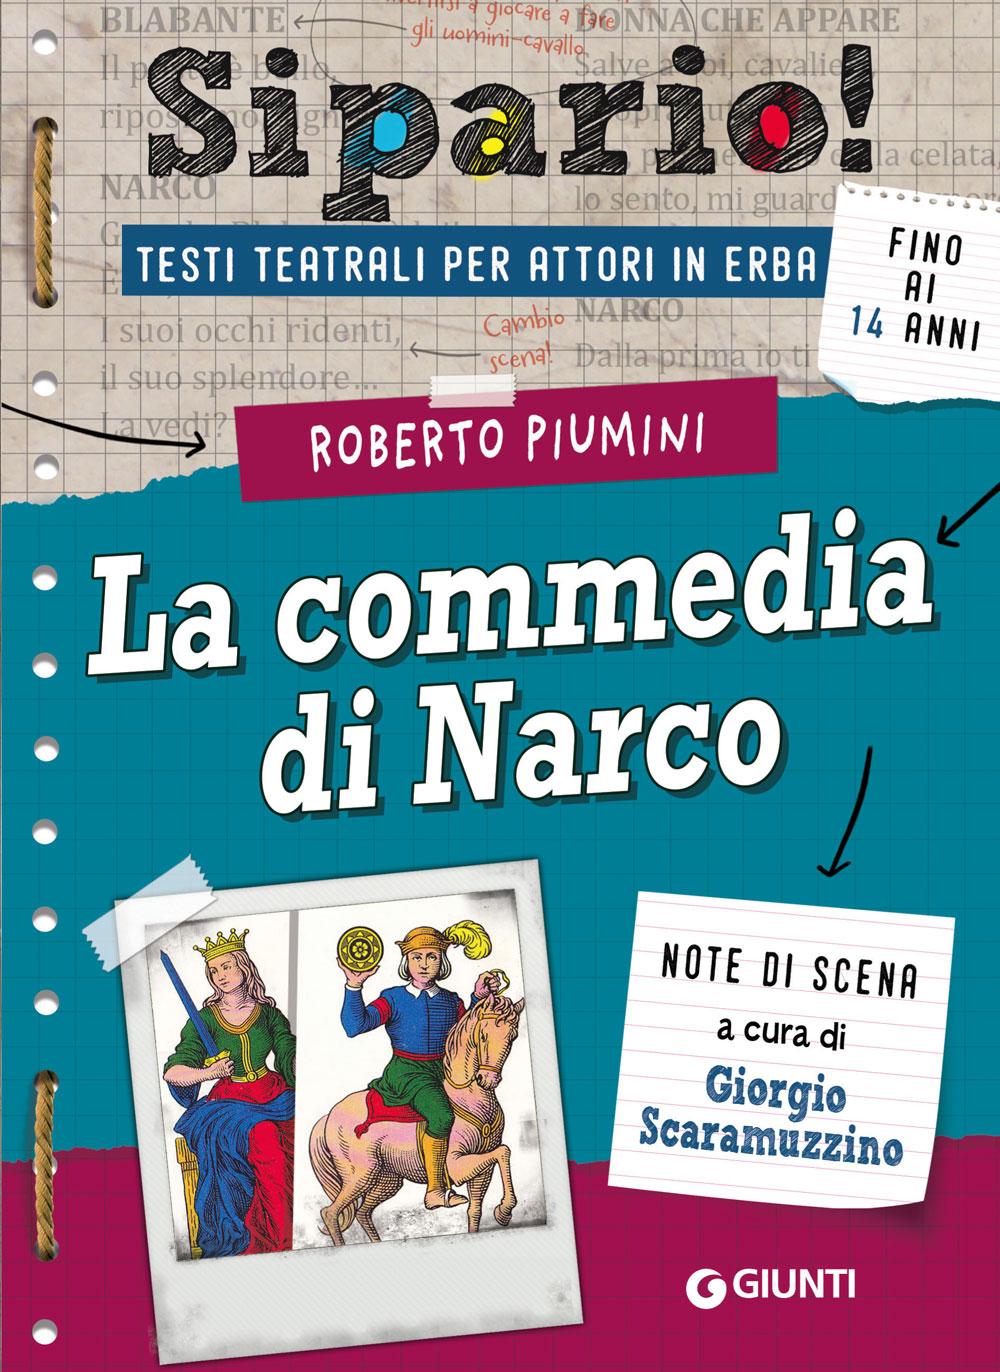 Poesie Di Natale Piumini.La Commedia Di Narco Giunti